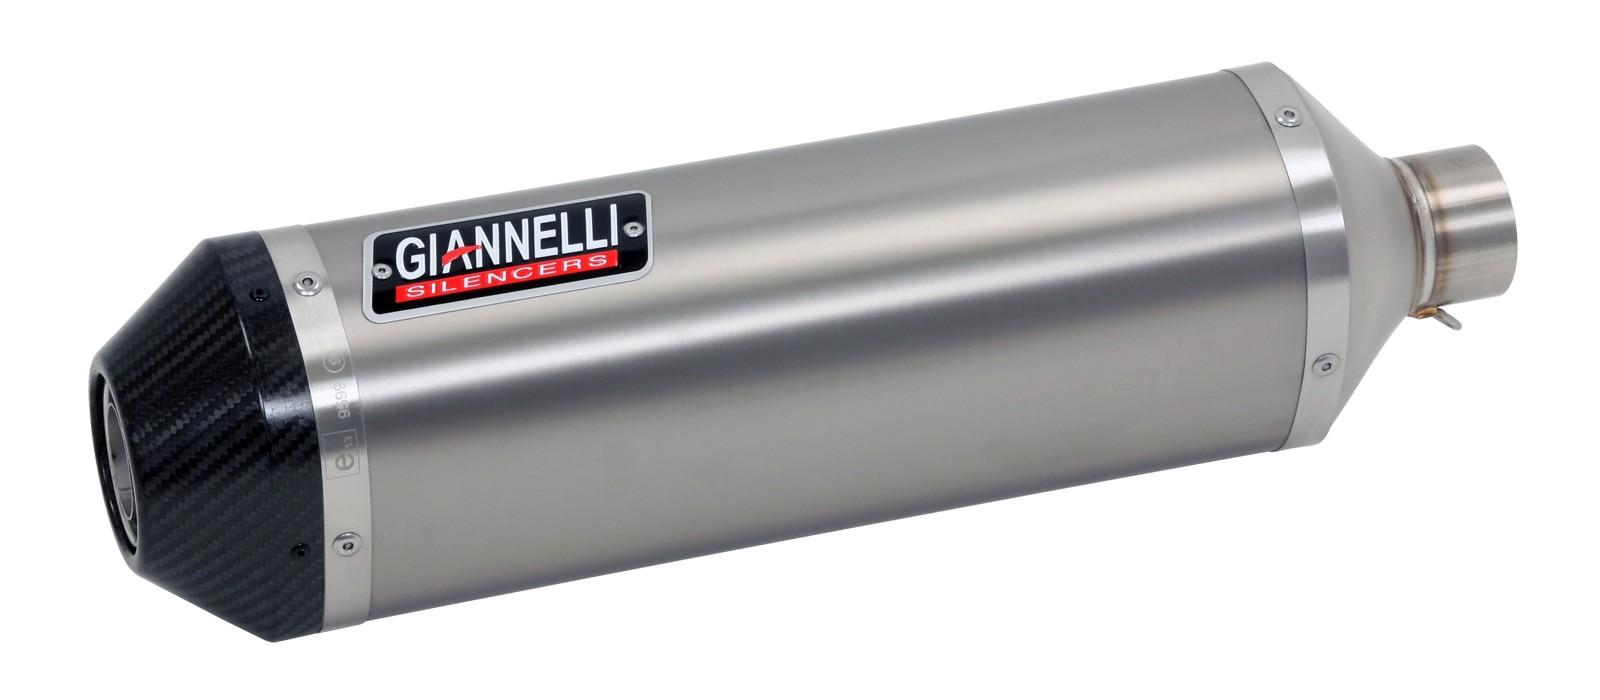 ESCAPES GIANNELLI HONDA - Sistema completo IPERSPORT Silenciador aluminio Honda CBR 650 F Giannelli 73816A6K -